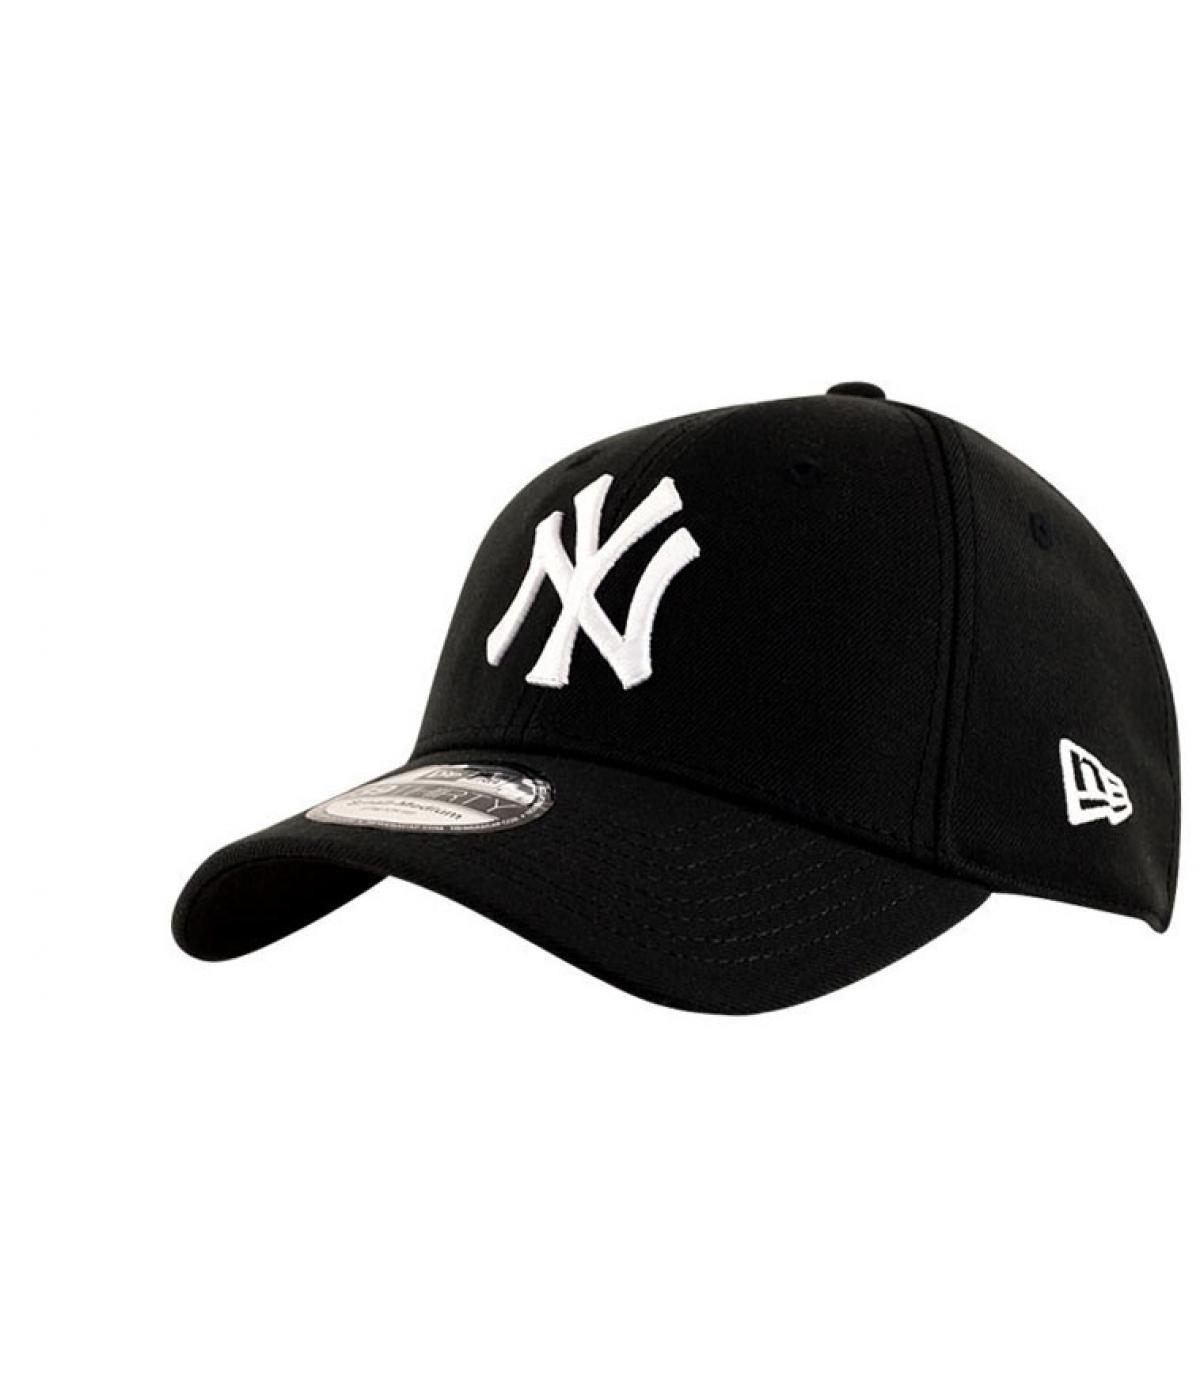 Dettagli 39Thirty NY black white - image 6